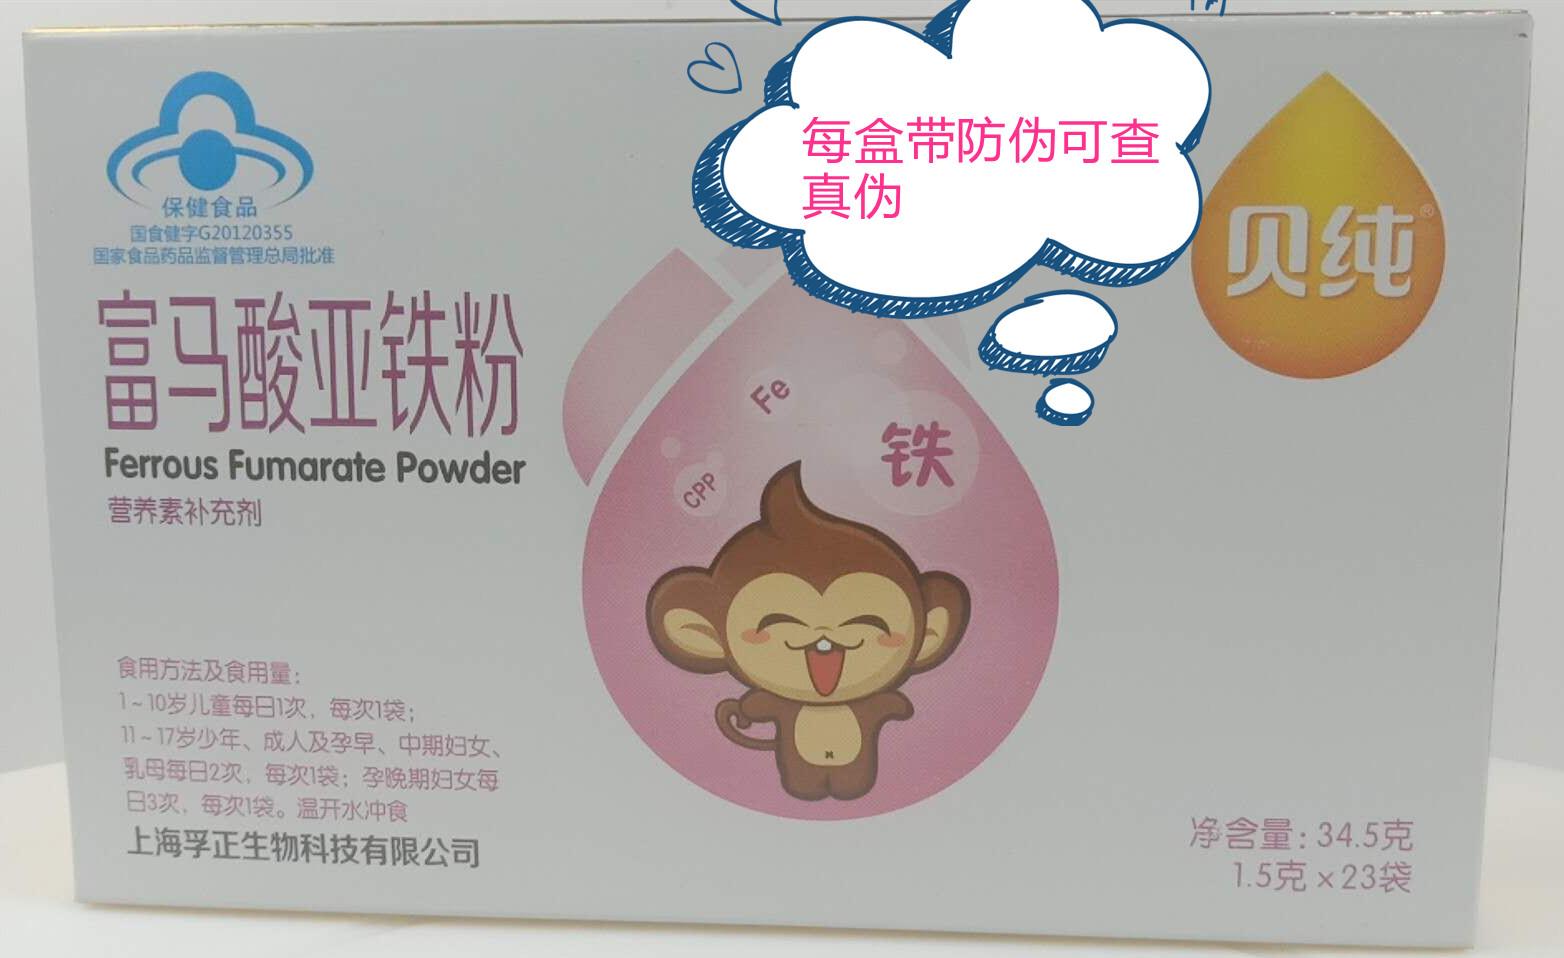 贝纯富马酸亚铁粉钙锌硒维生素DHA鱼肝蛋白质油婴幼儿宝宝保健品